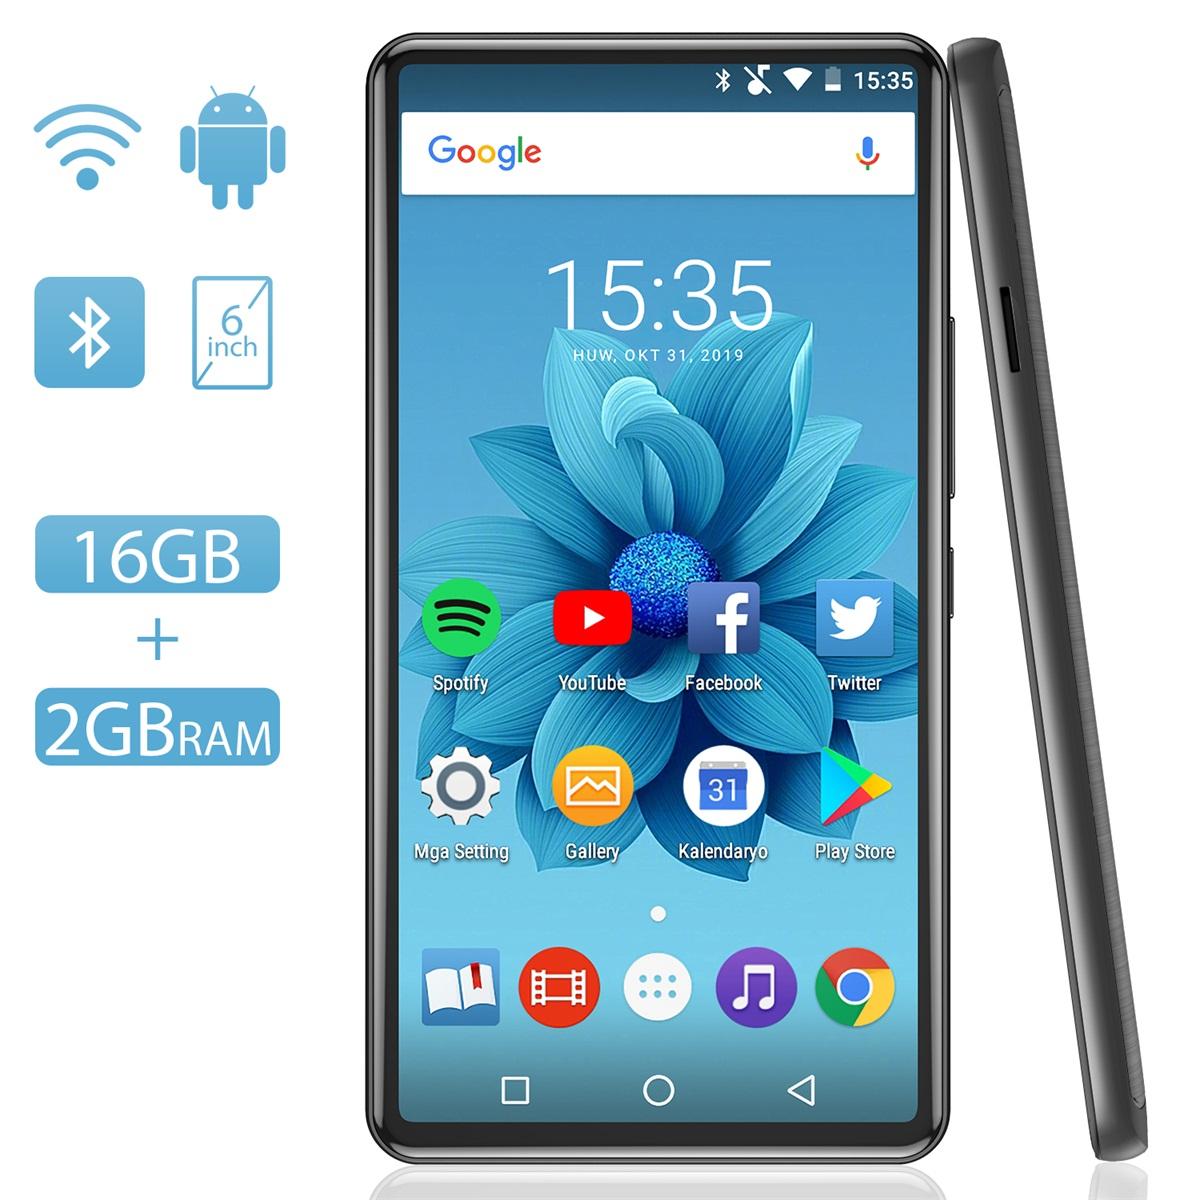 あらゆるものに変身できる多才な音楽プレイヤー 一台で観る読む聴くネット遊ぶが実現 送料無料 AGPTEK オーディオプレーヤー 音楽プレーヤー bluetooth搭載 wifi接続可能 6インチ大画面 Hi-Fiロスレス高音質 予約 動画鑑賞 内蔵2GB+16GB 最大128GBsdカード対応 MP3プレーヤー アウトレットセール 特集 デジタルオーディオプレーヤー 多種アプリ対応 タッチパネル ips液晶パネル スピーカー付き